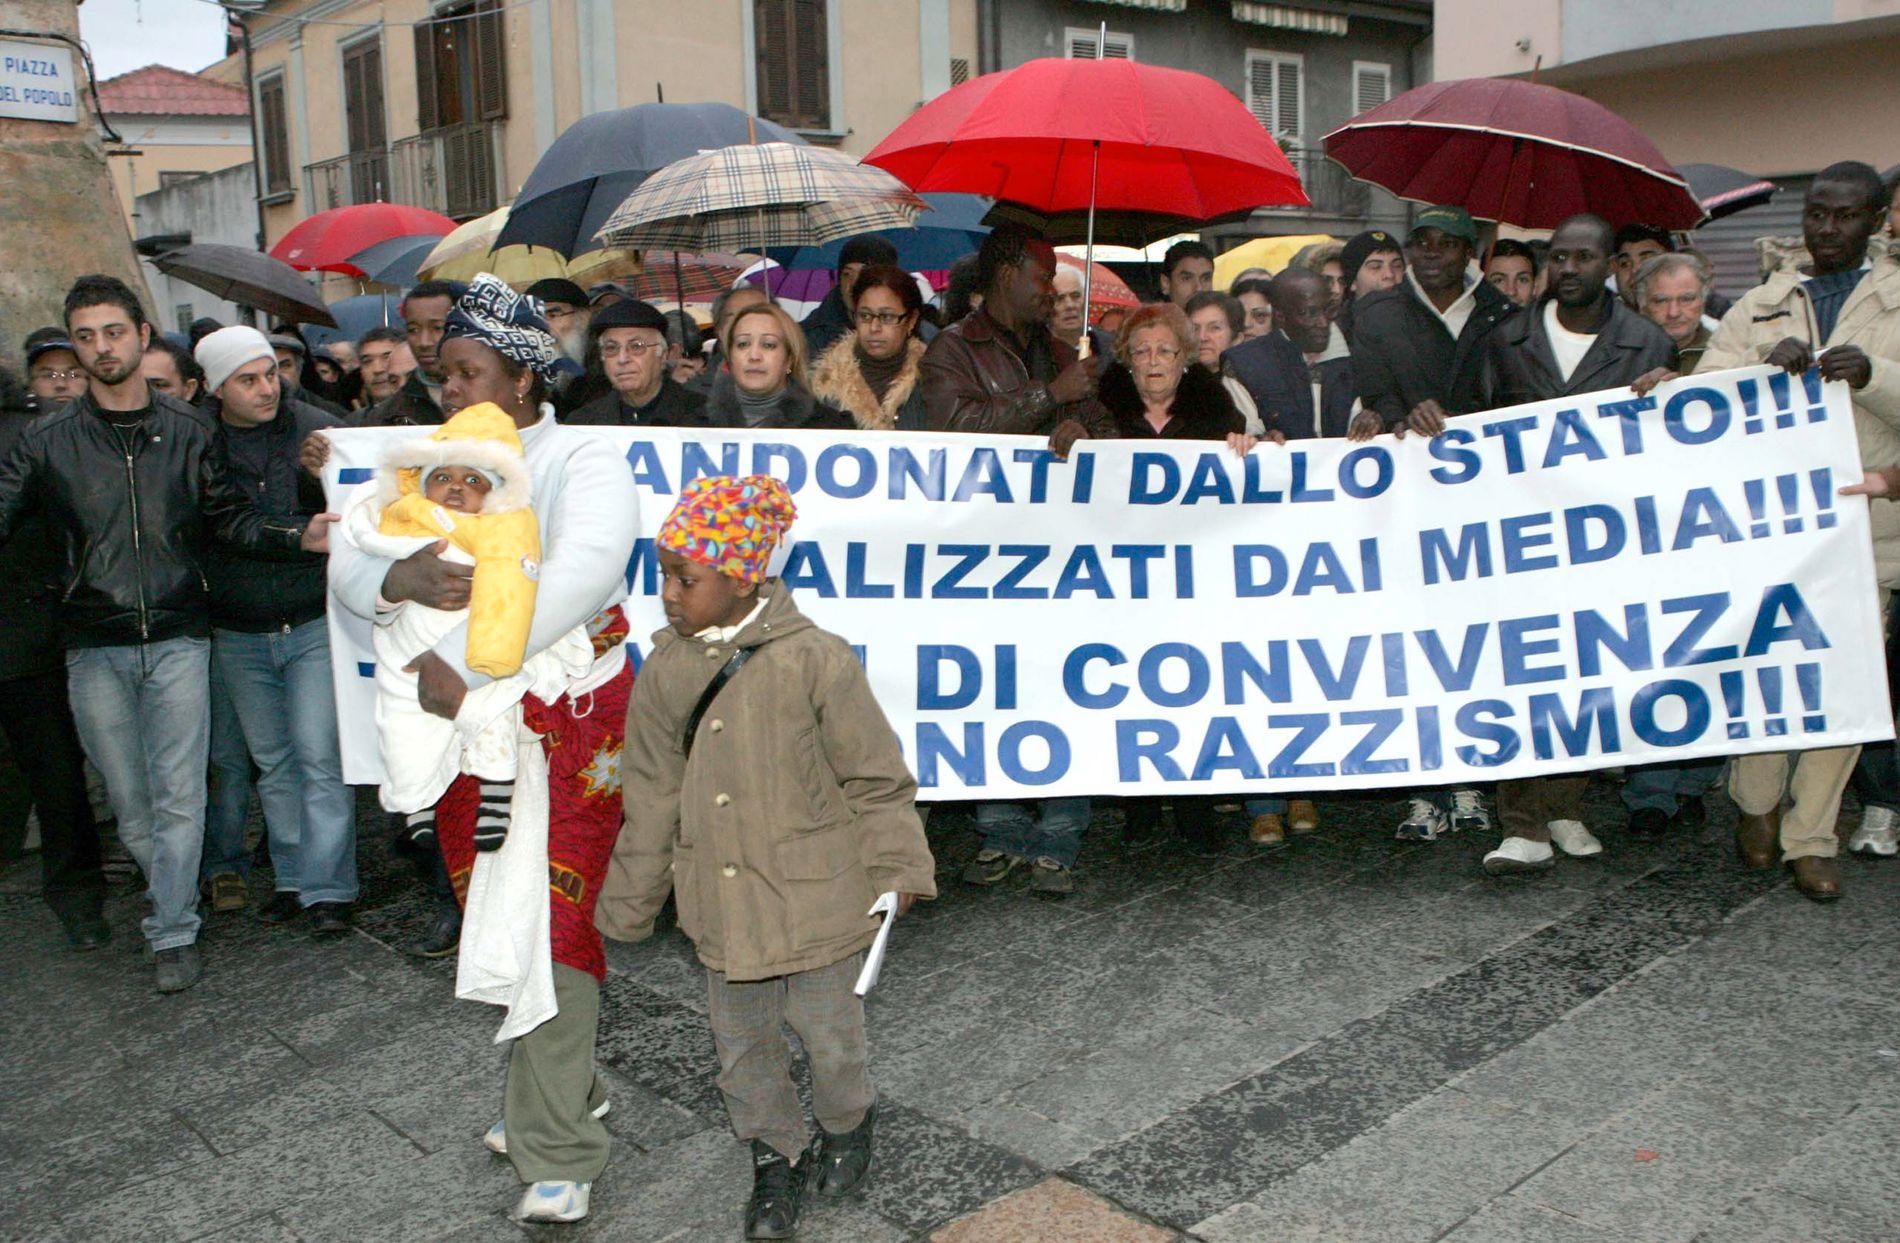 SJELDENT SYN: Lokale innbyggere og migranter demonstrerte i 2010 sammen mot rasisme og statlig neglisjering i byen Rosarno i Calabria, som er kjent for slavelignende arbeidsforhold i landbruket.